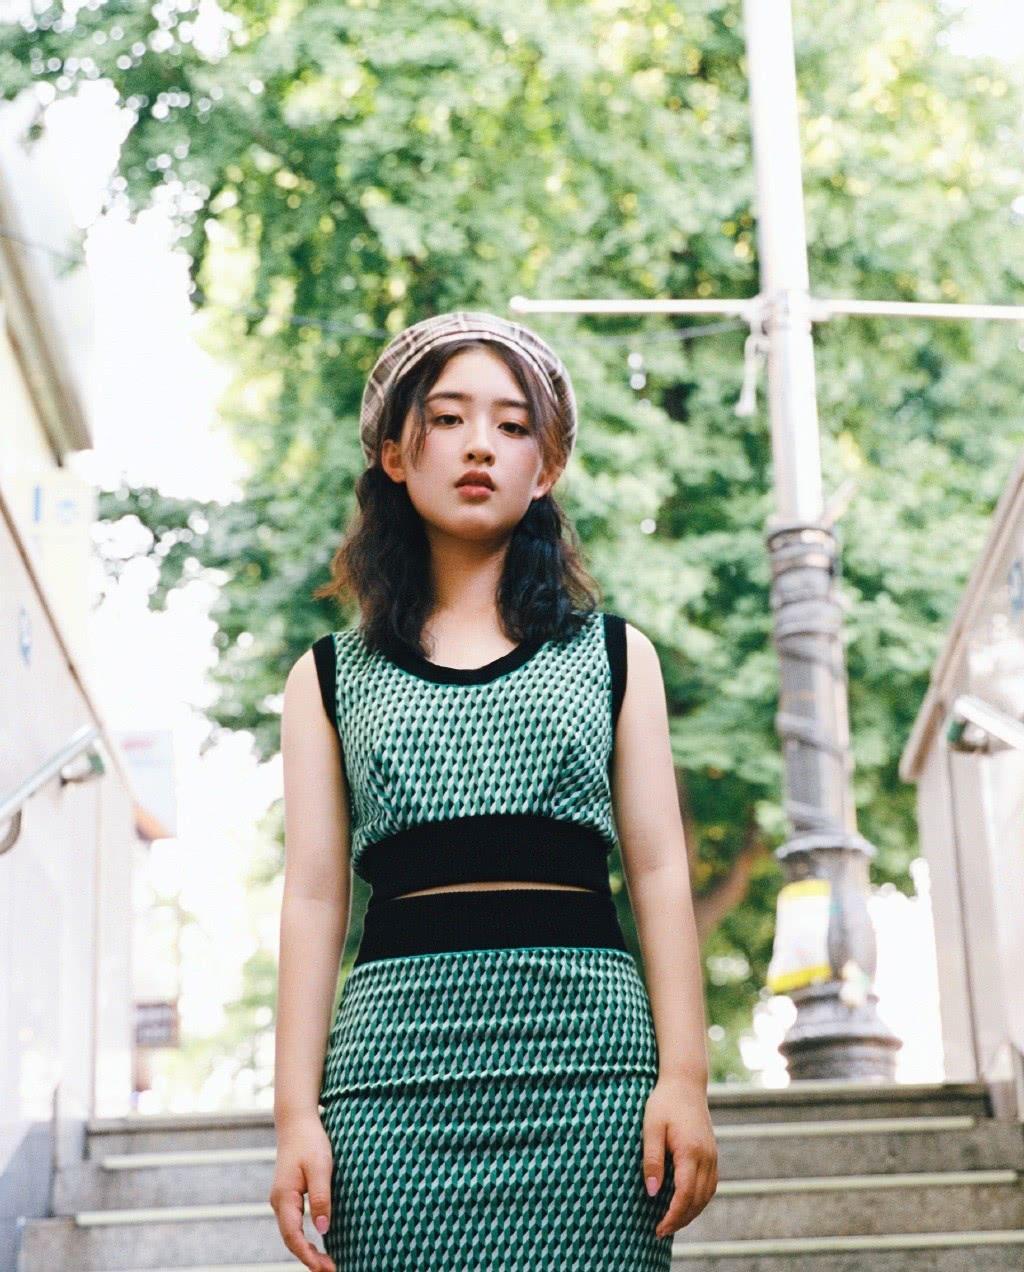 《无名之辈》她演陈建斌女儿,穿背心配紧身裙,成熟得不像14岁